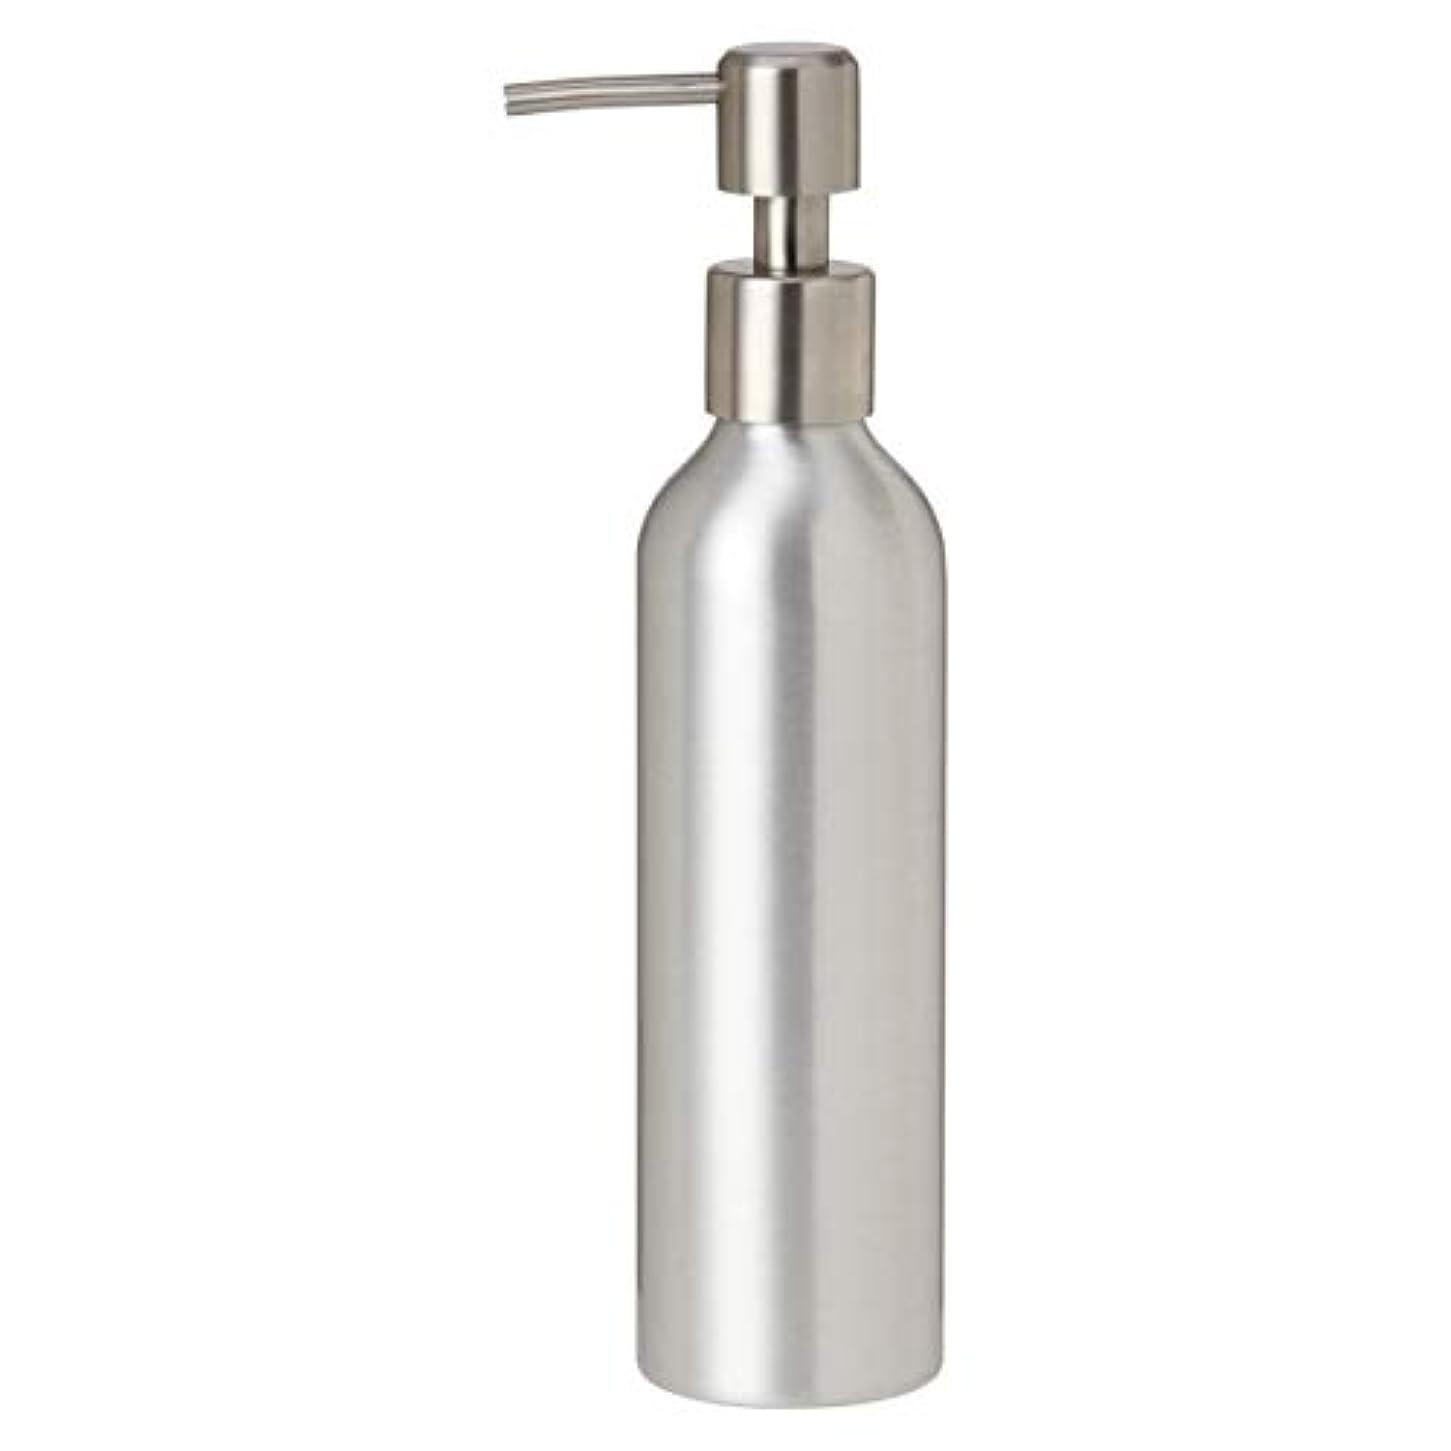 バイオレット縮約起業家アルミポンプボトル 250mL [ オイルウォーマー オイルトリートメント オイルボトル マッサージオイル アロママッサージオイル ボディマッサージオイル ボディオイル アロマオイル ]